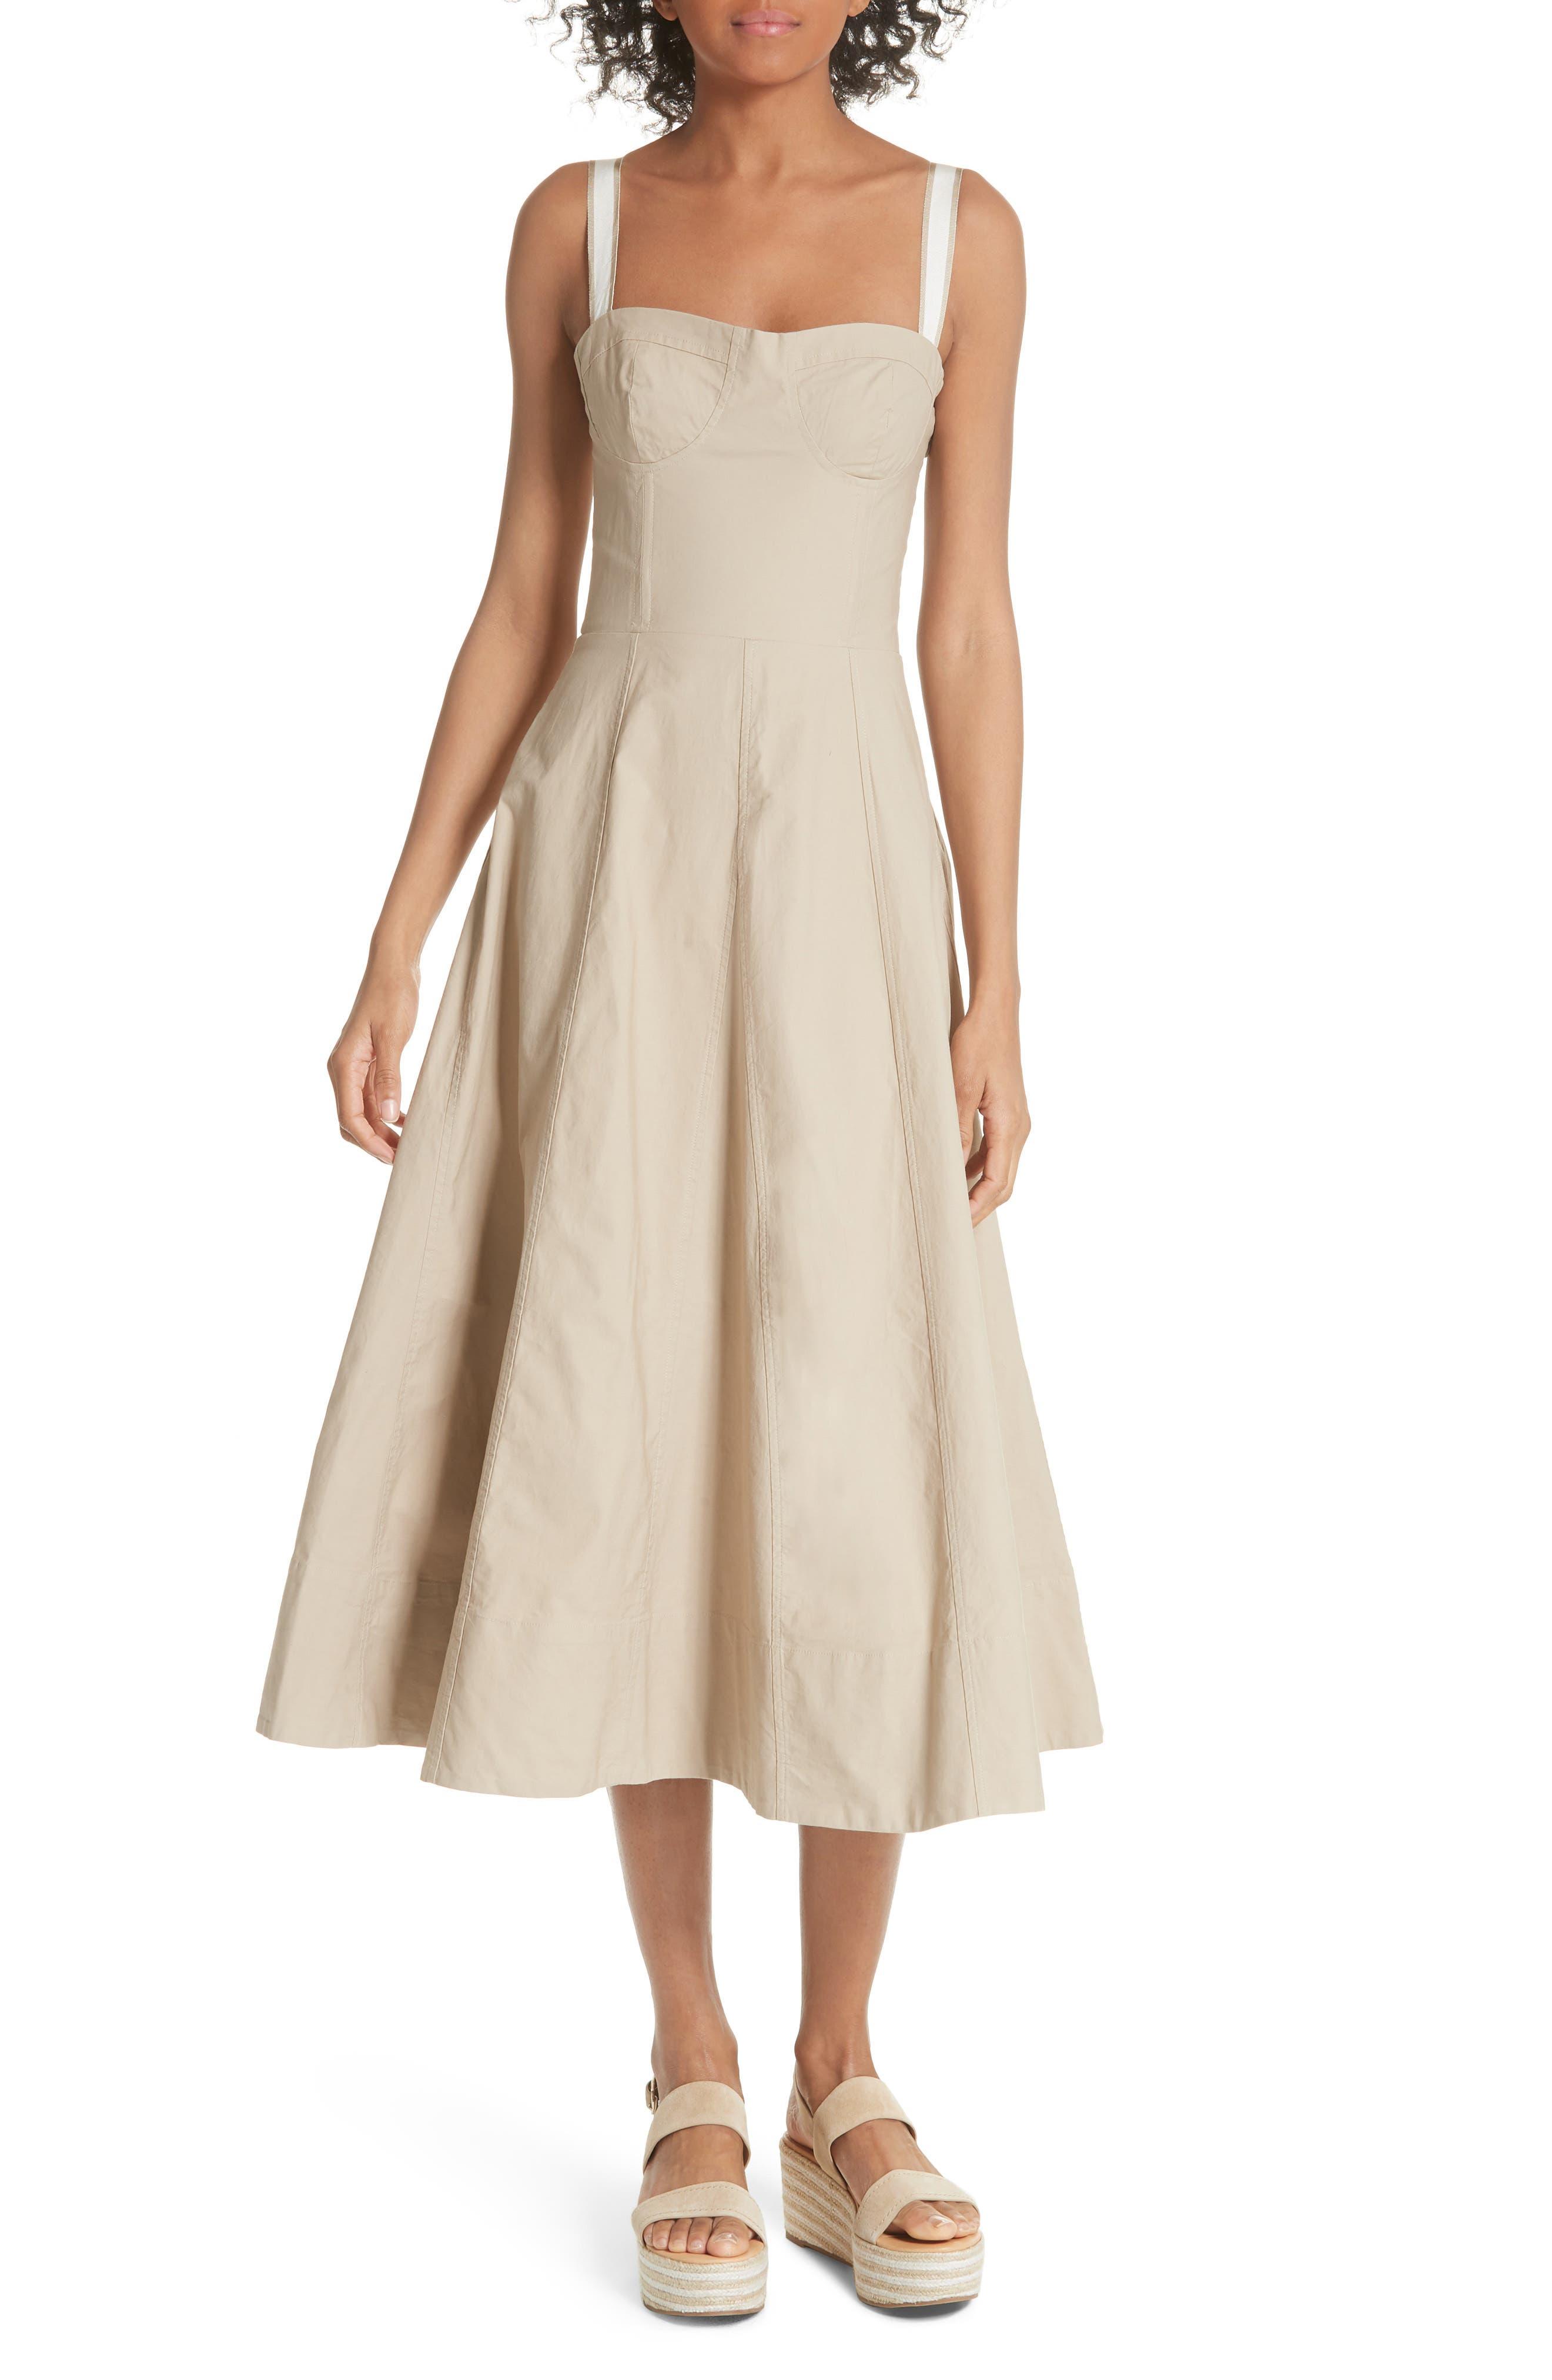 JOIE, Briel Midi Dress, Main thumbnail 1, color, 253